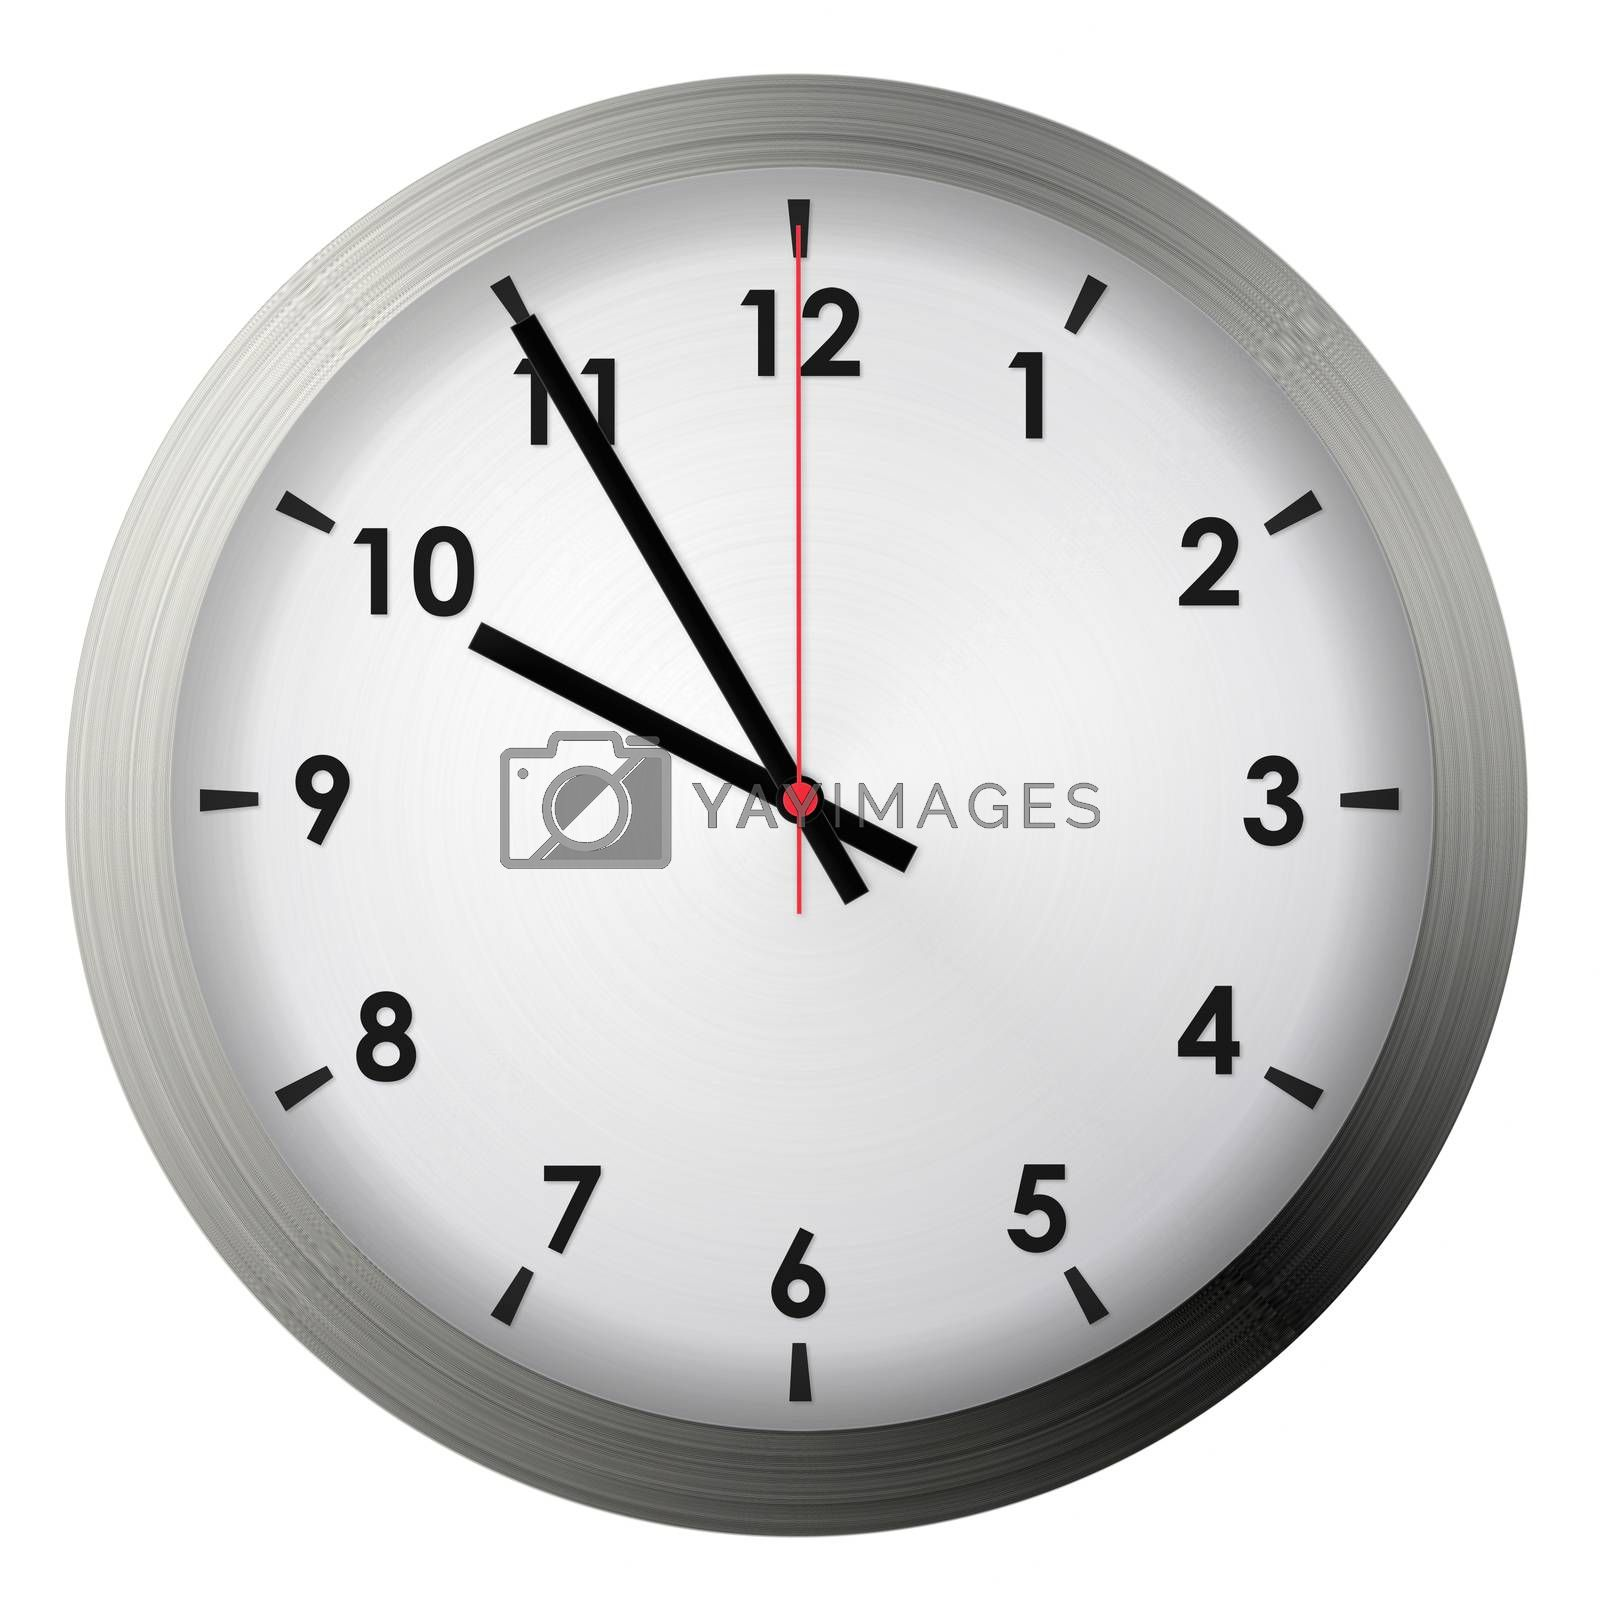 Analog metal wall clock by szefei